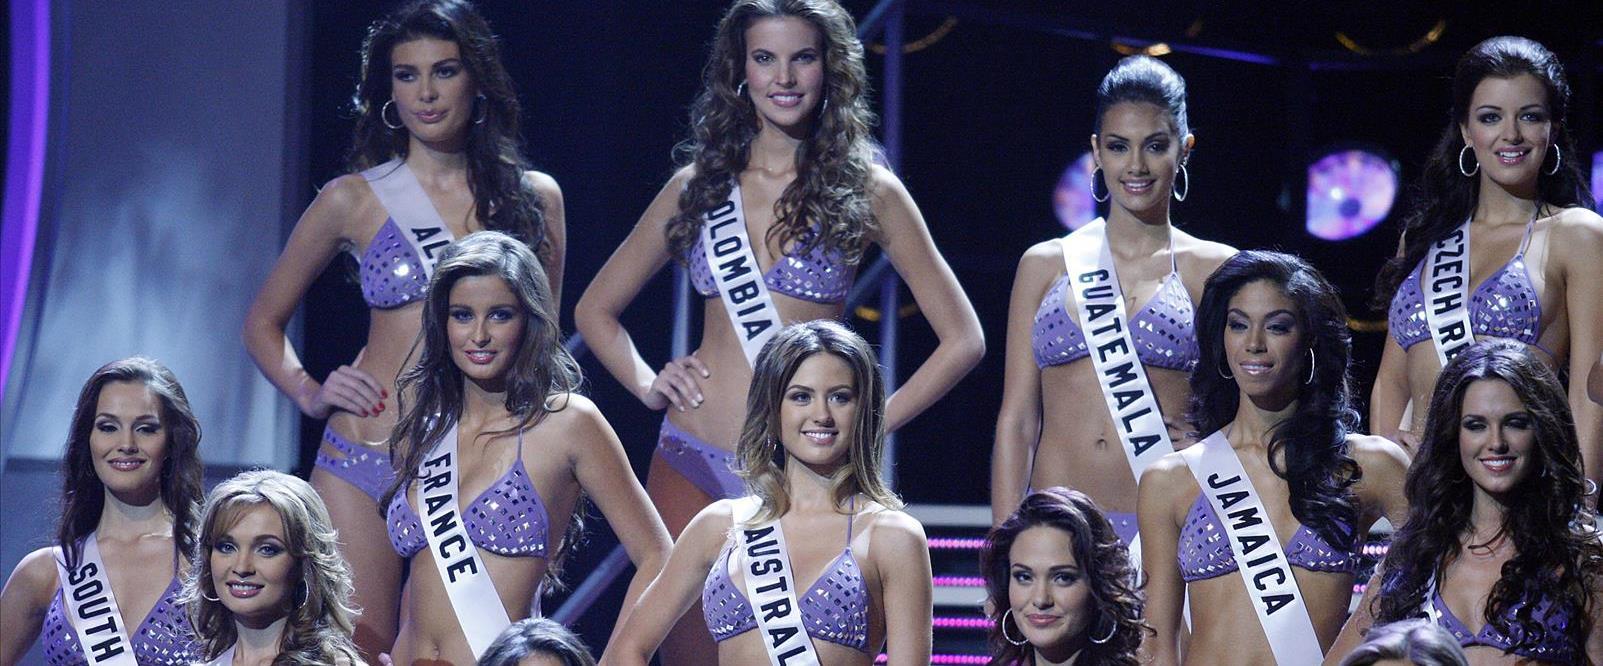 תחרות מיס יוניברס בווגאס, 2010